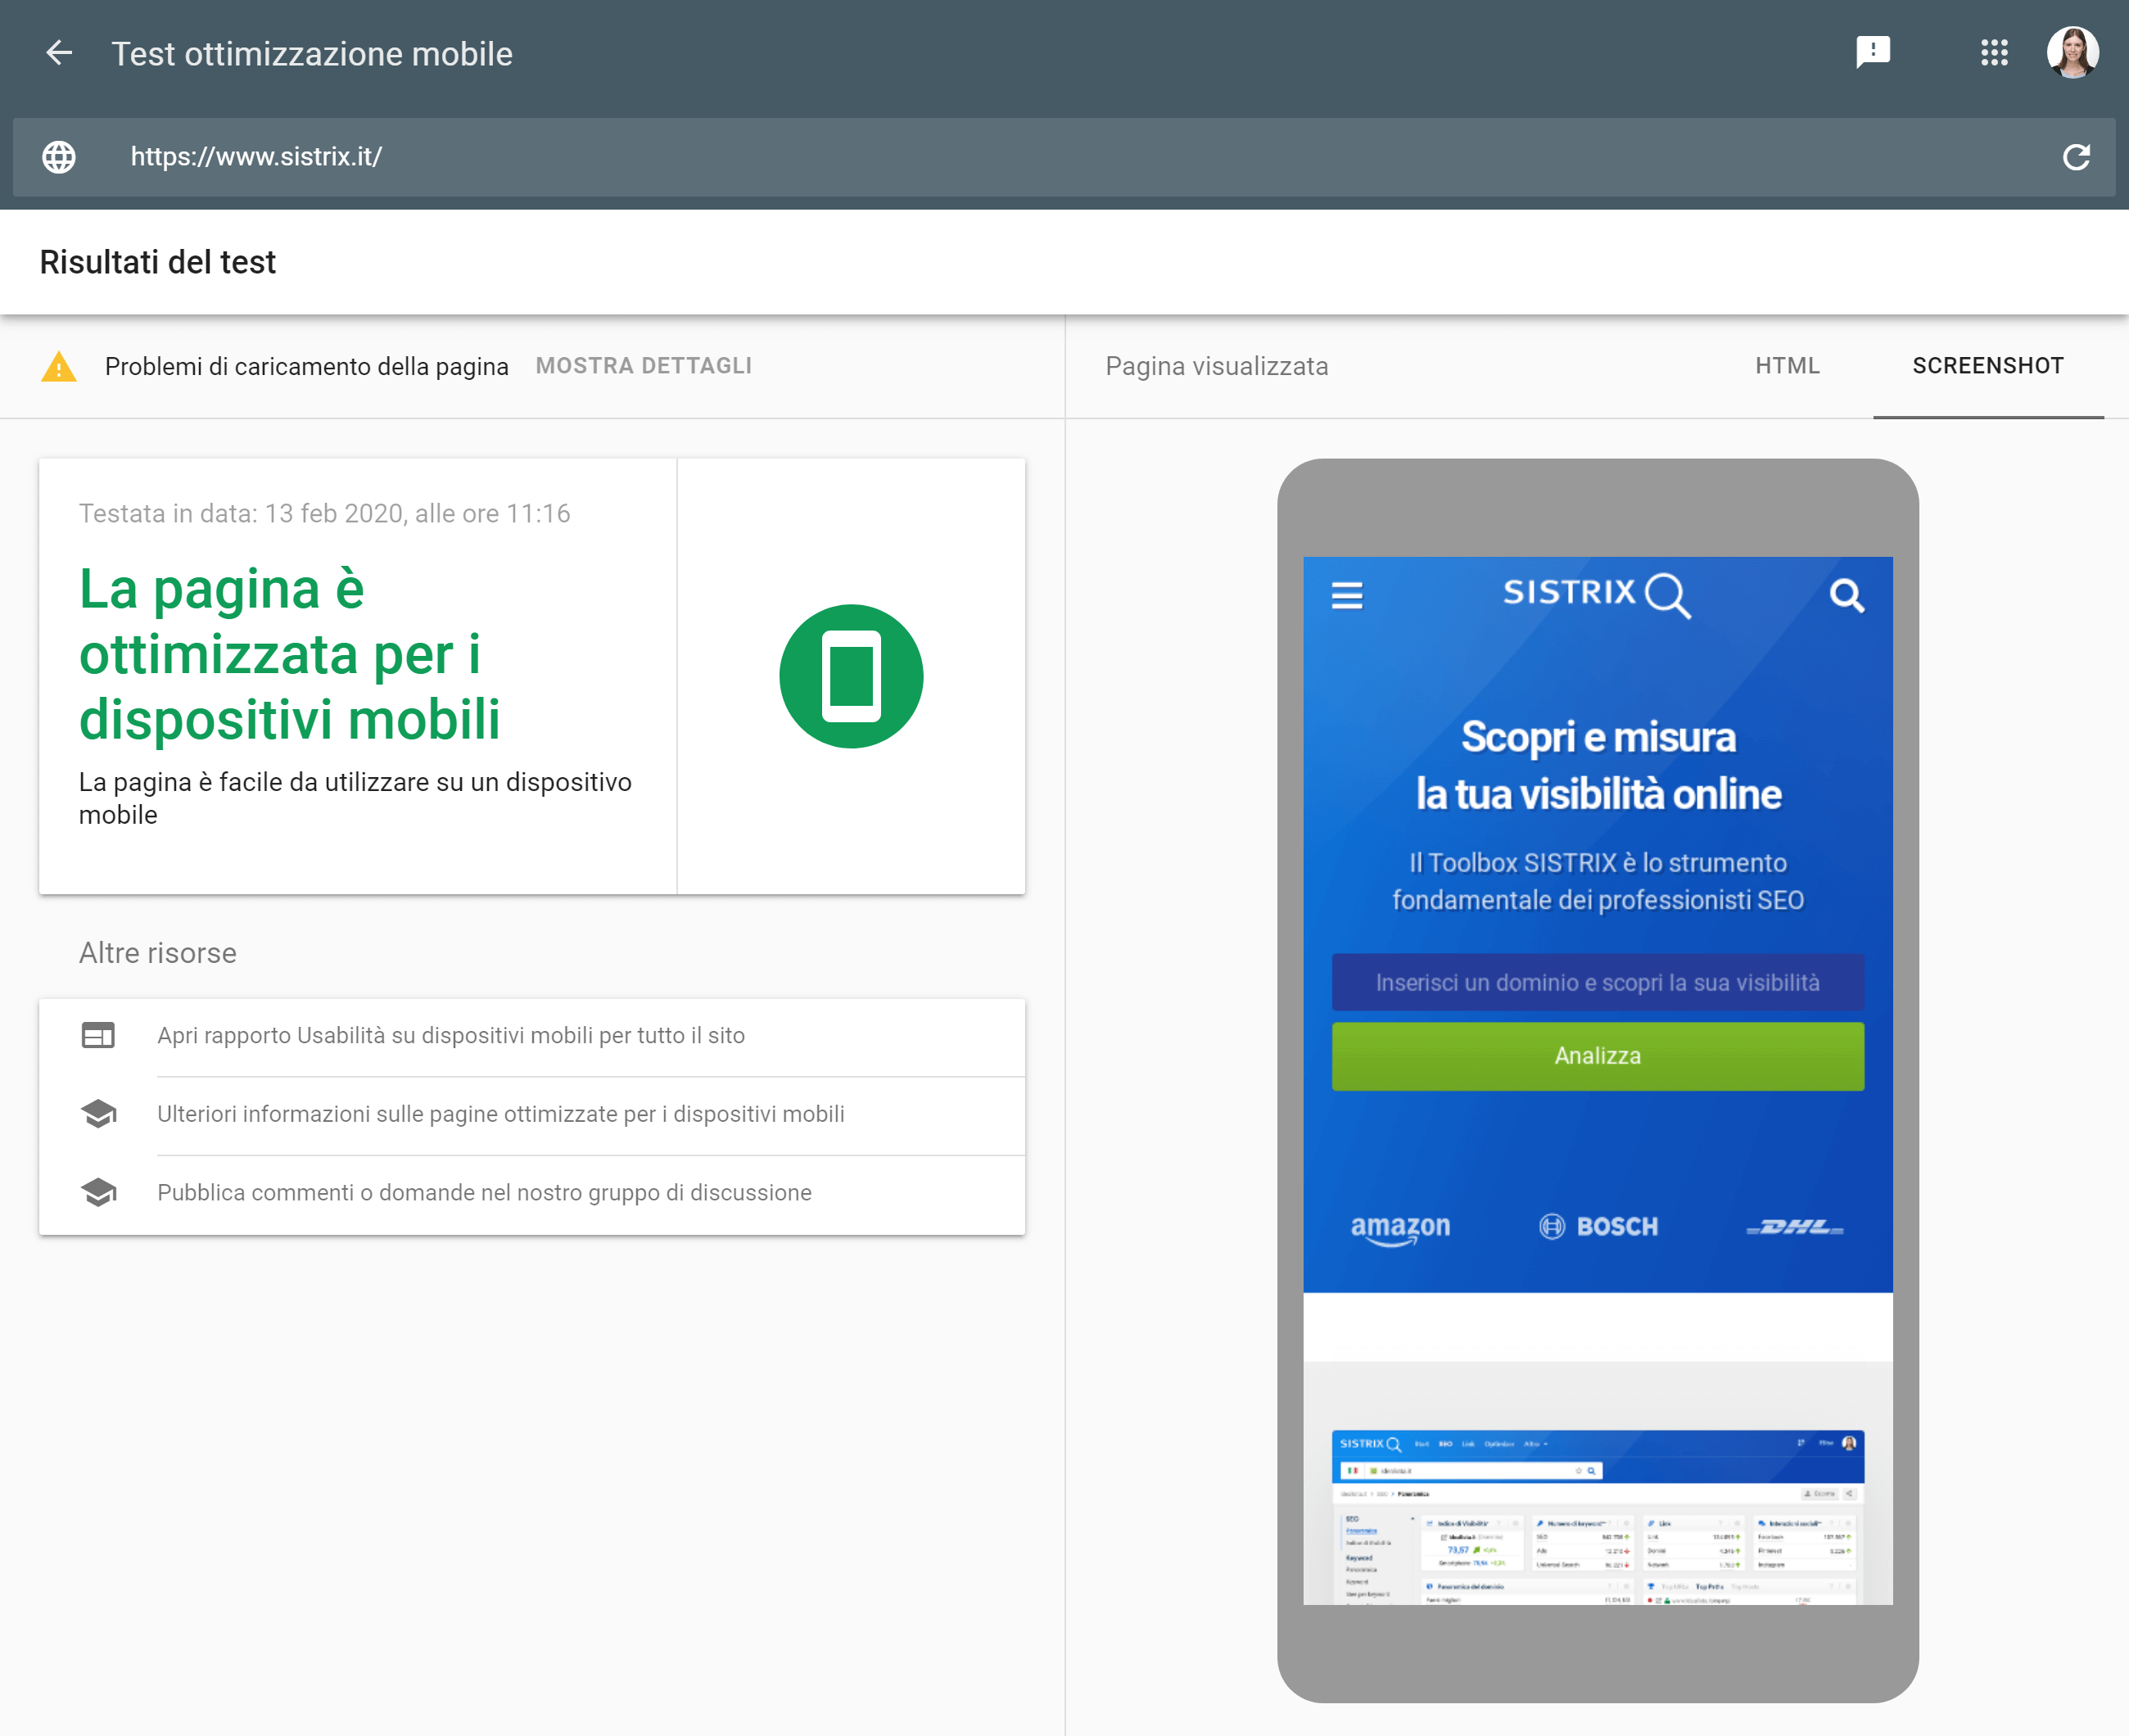 Il test di ottimizzazione mobile offerto da Google